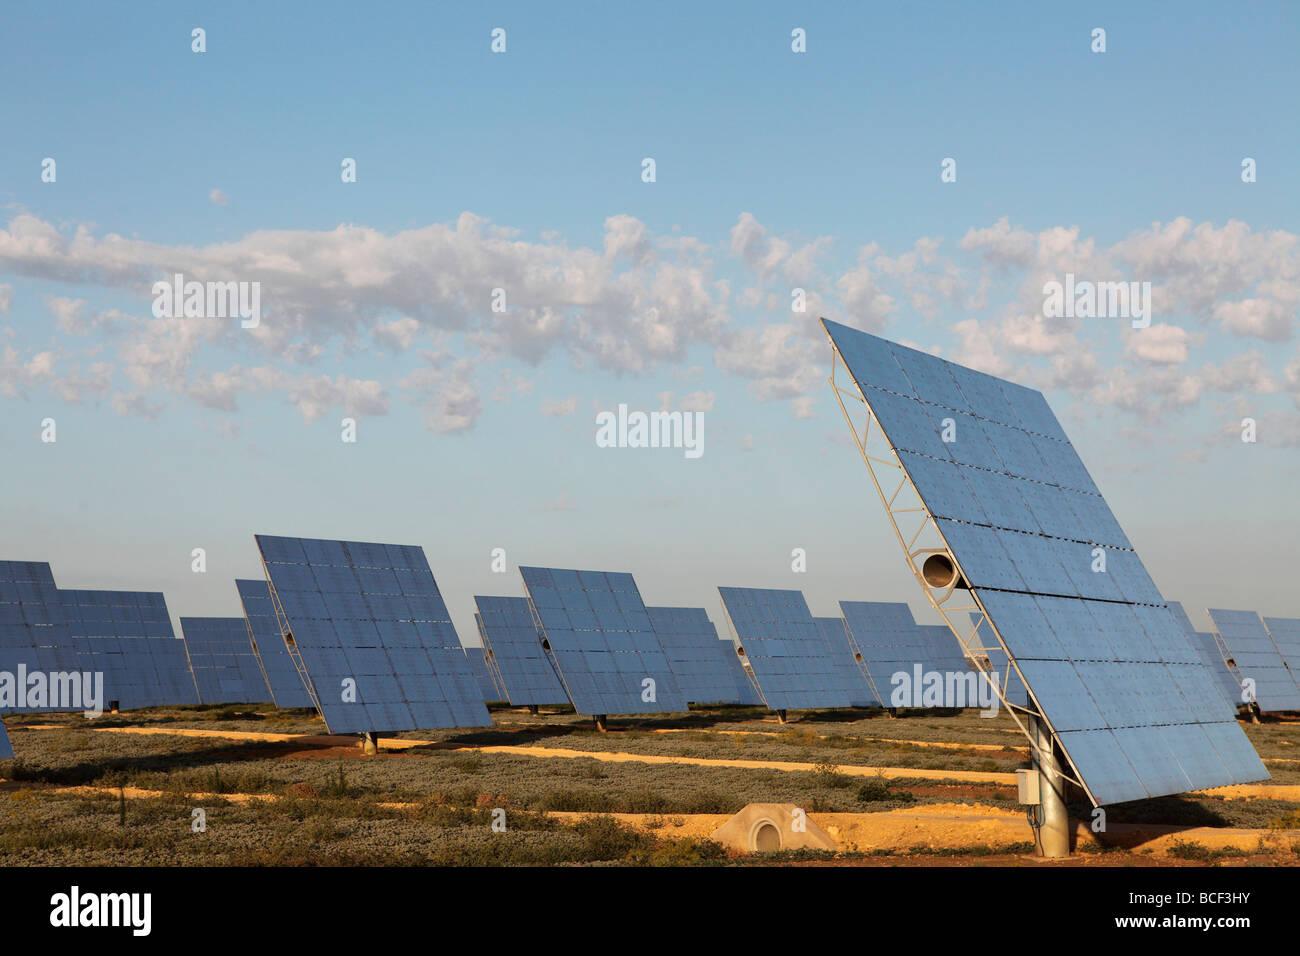 L'usine électrique construite par l'entreprise espagnole Abengo dans Sanlucar la Mayor, près de Photo Stock